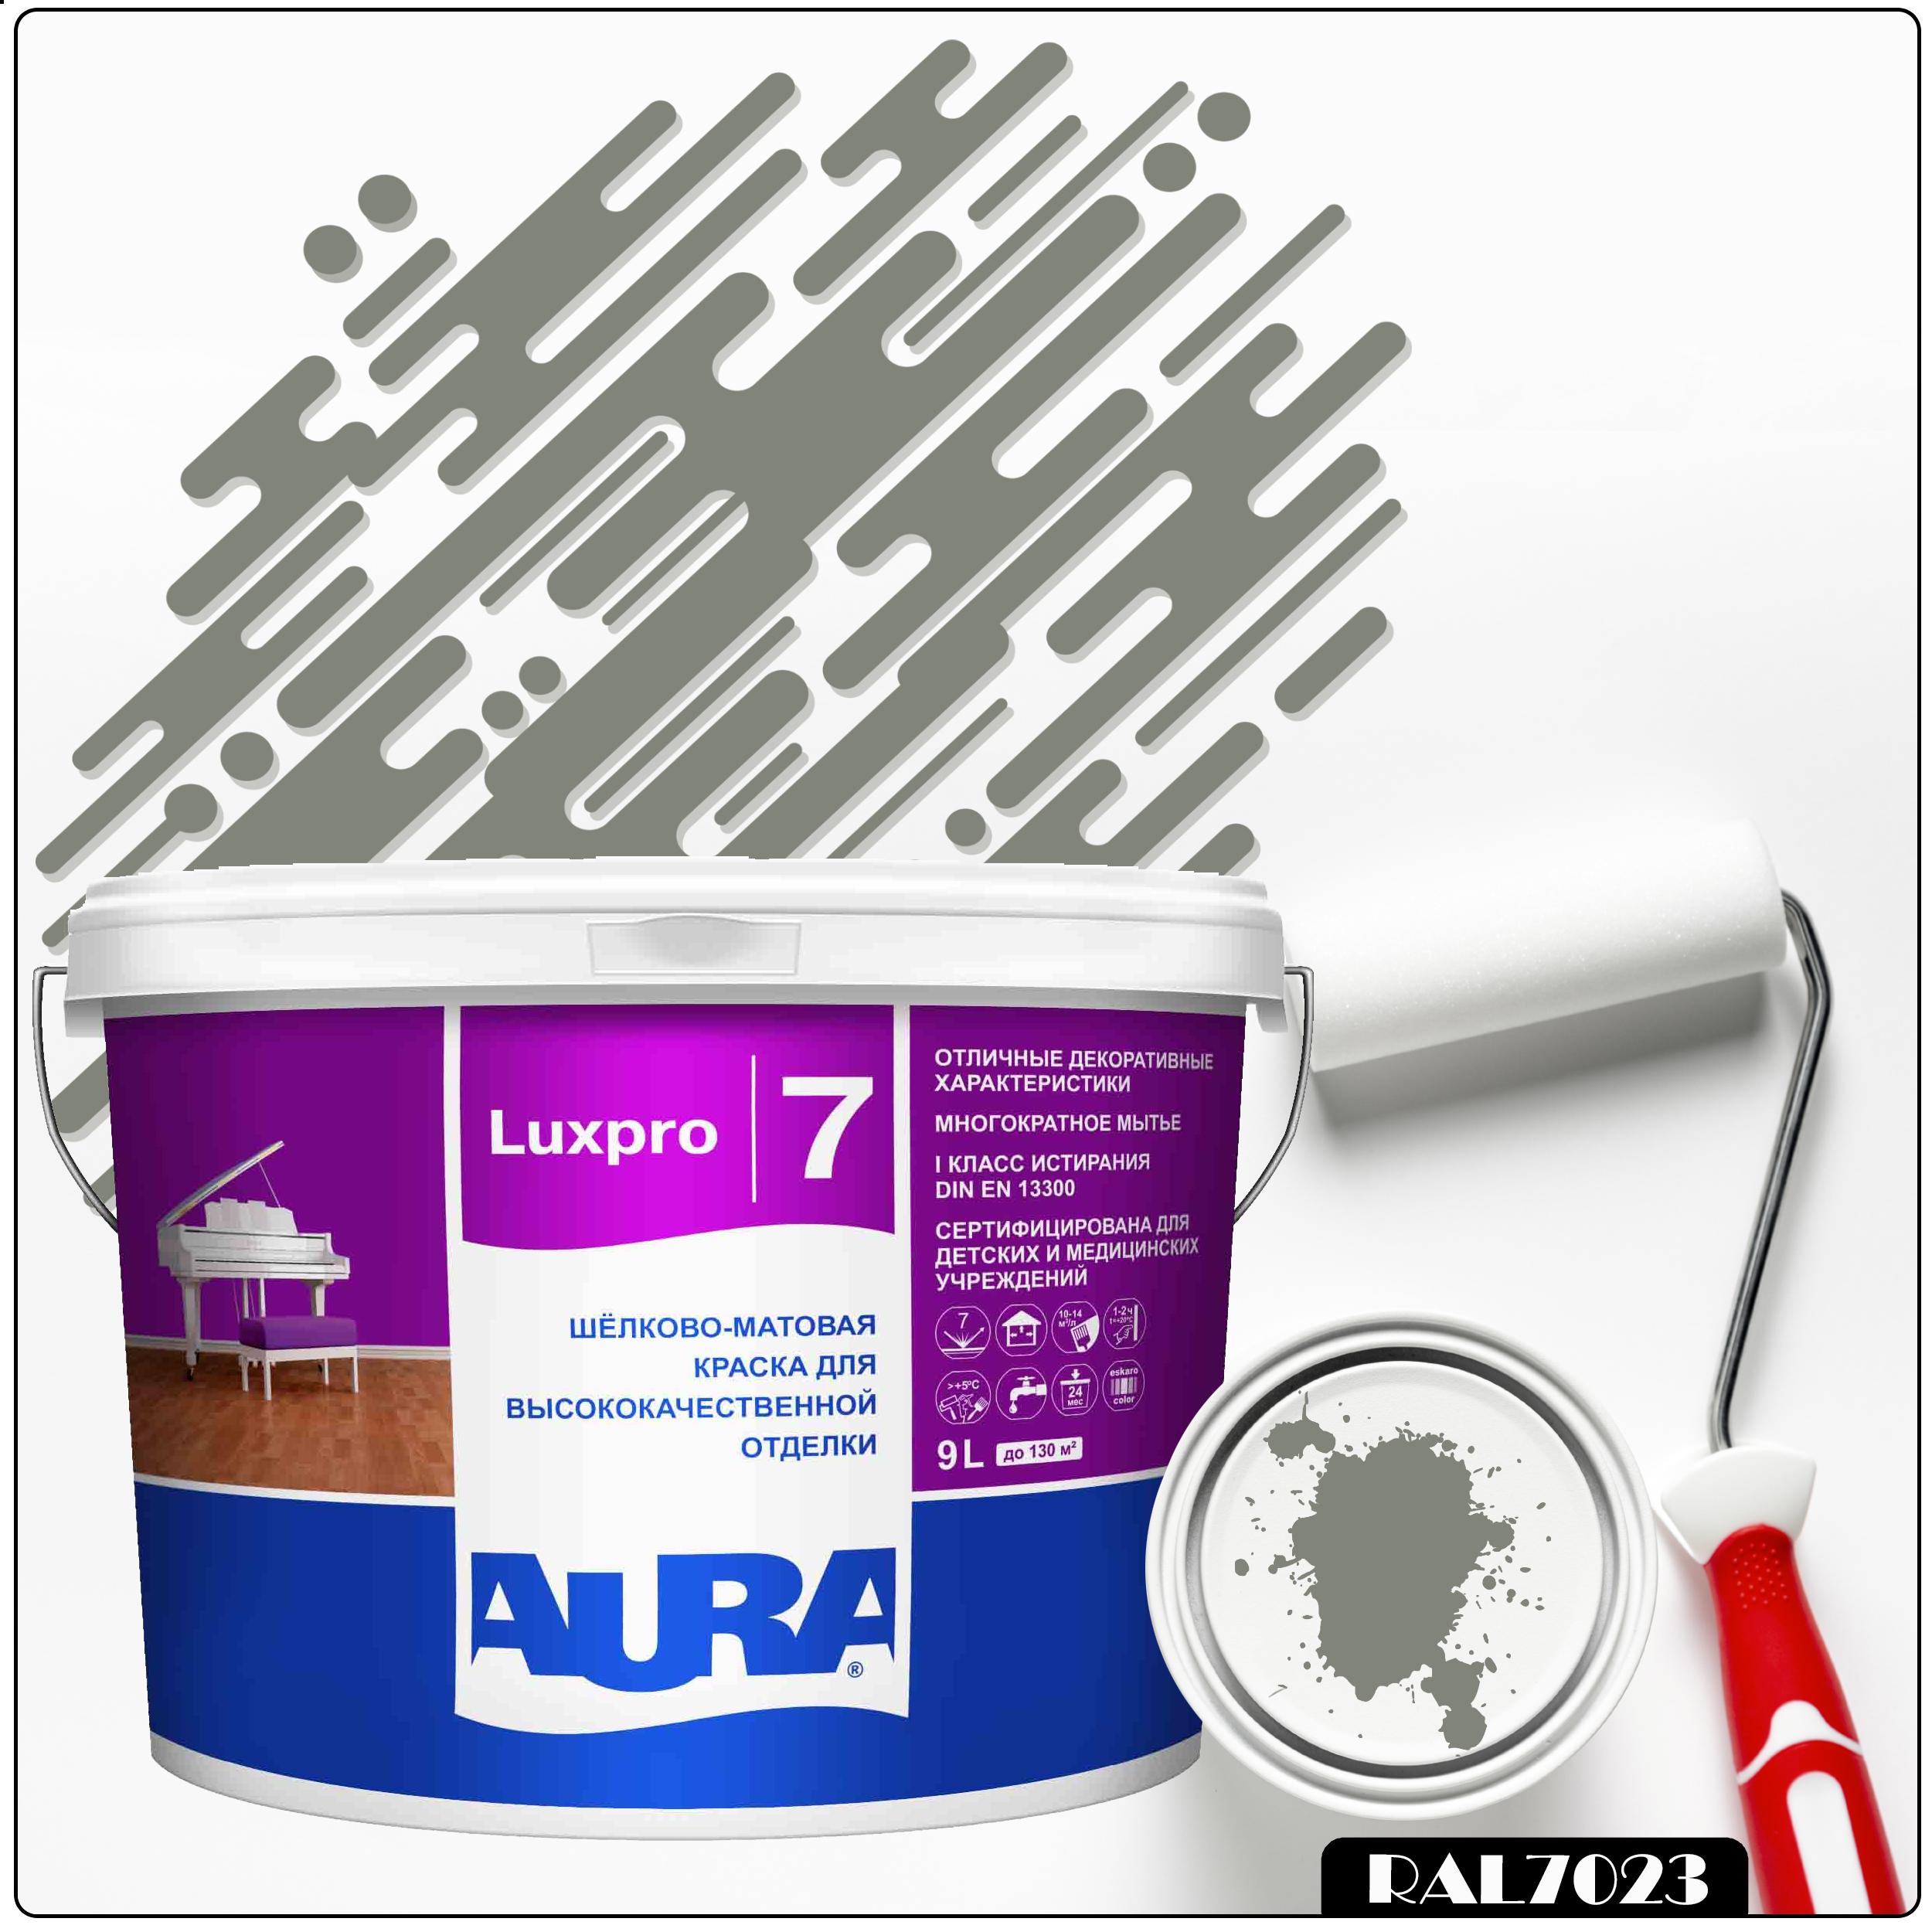 Фото 18 - Краска Aura LuxPRO 7, RAL 7023 Серый бетон, латексная, шелково-матовая, интерьерная, 9л, Аура.